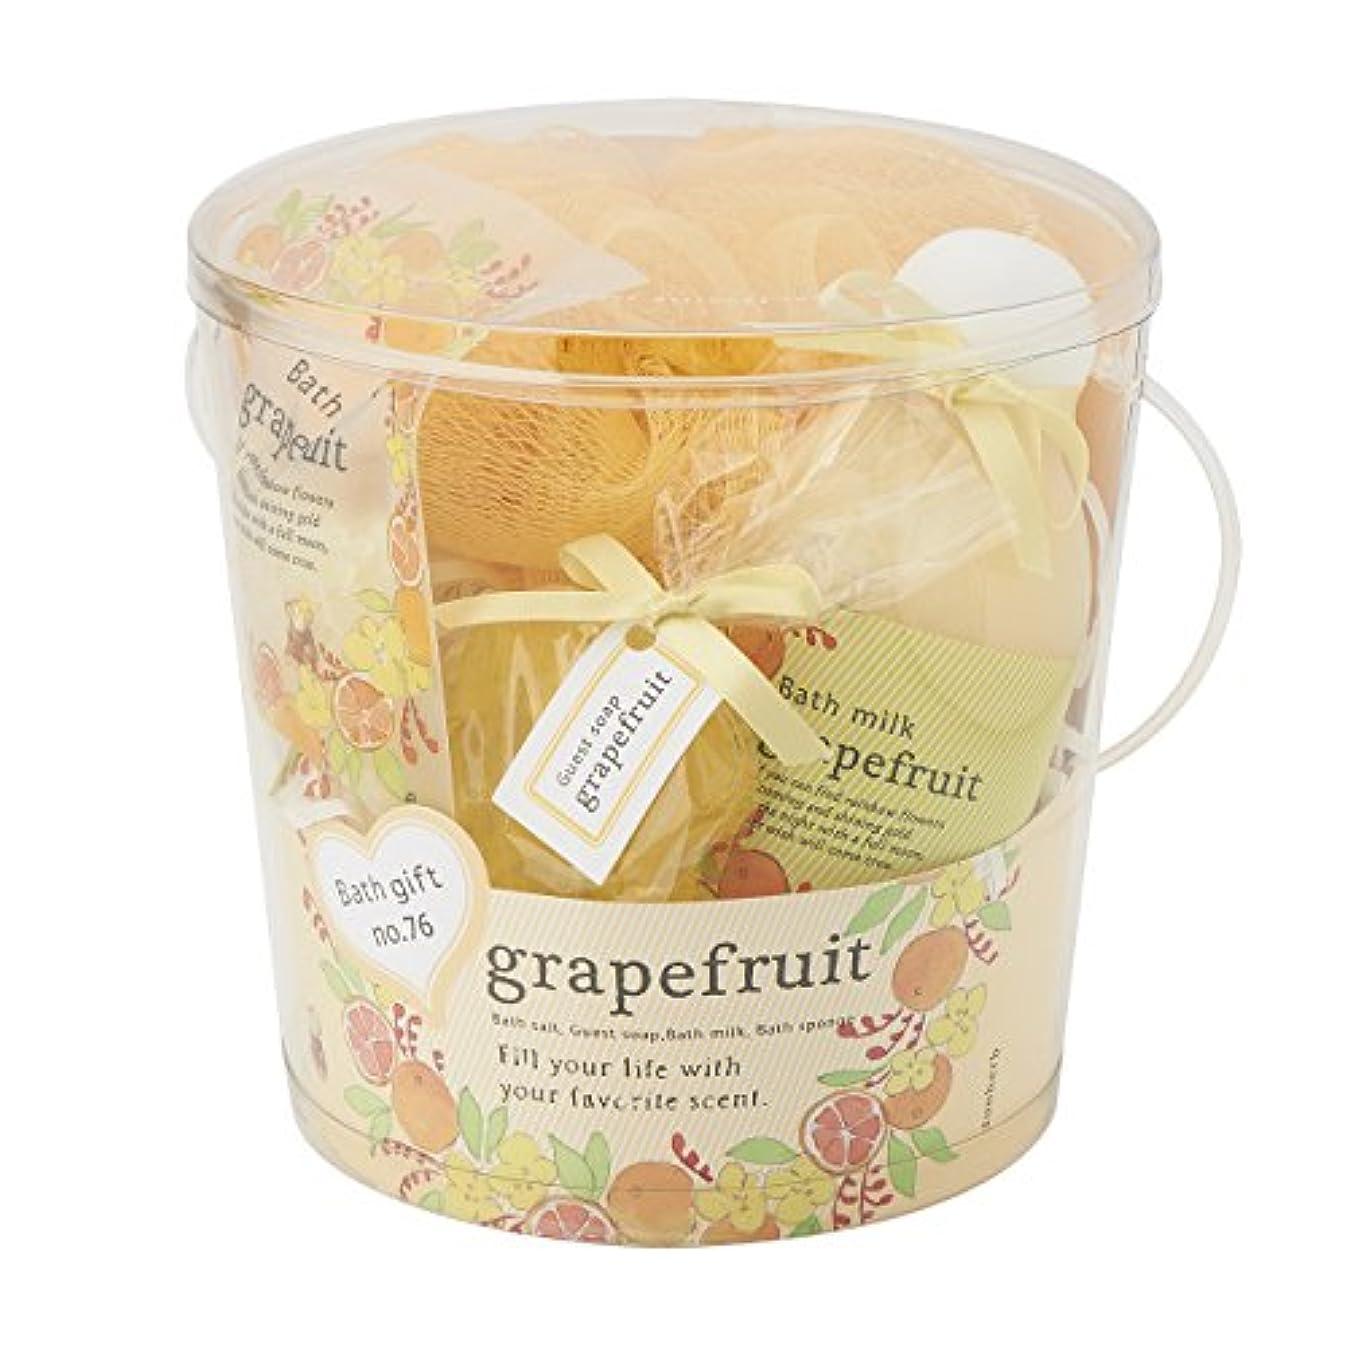 コンデンサー出しますマーキングサンハーブ バスギフトNo.76 グレープフルーツ(バスミルク入りのボリューミーなバスセット シャキっとまぶしい柑橘系の香り)